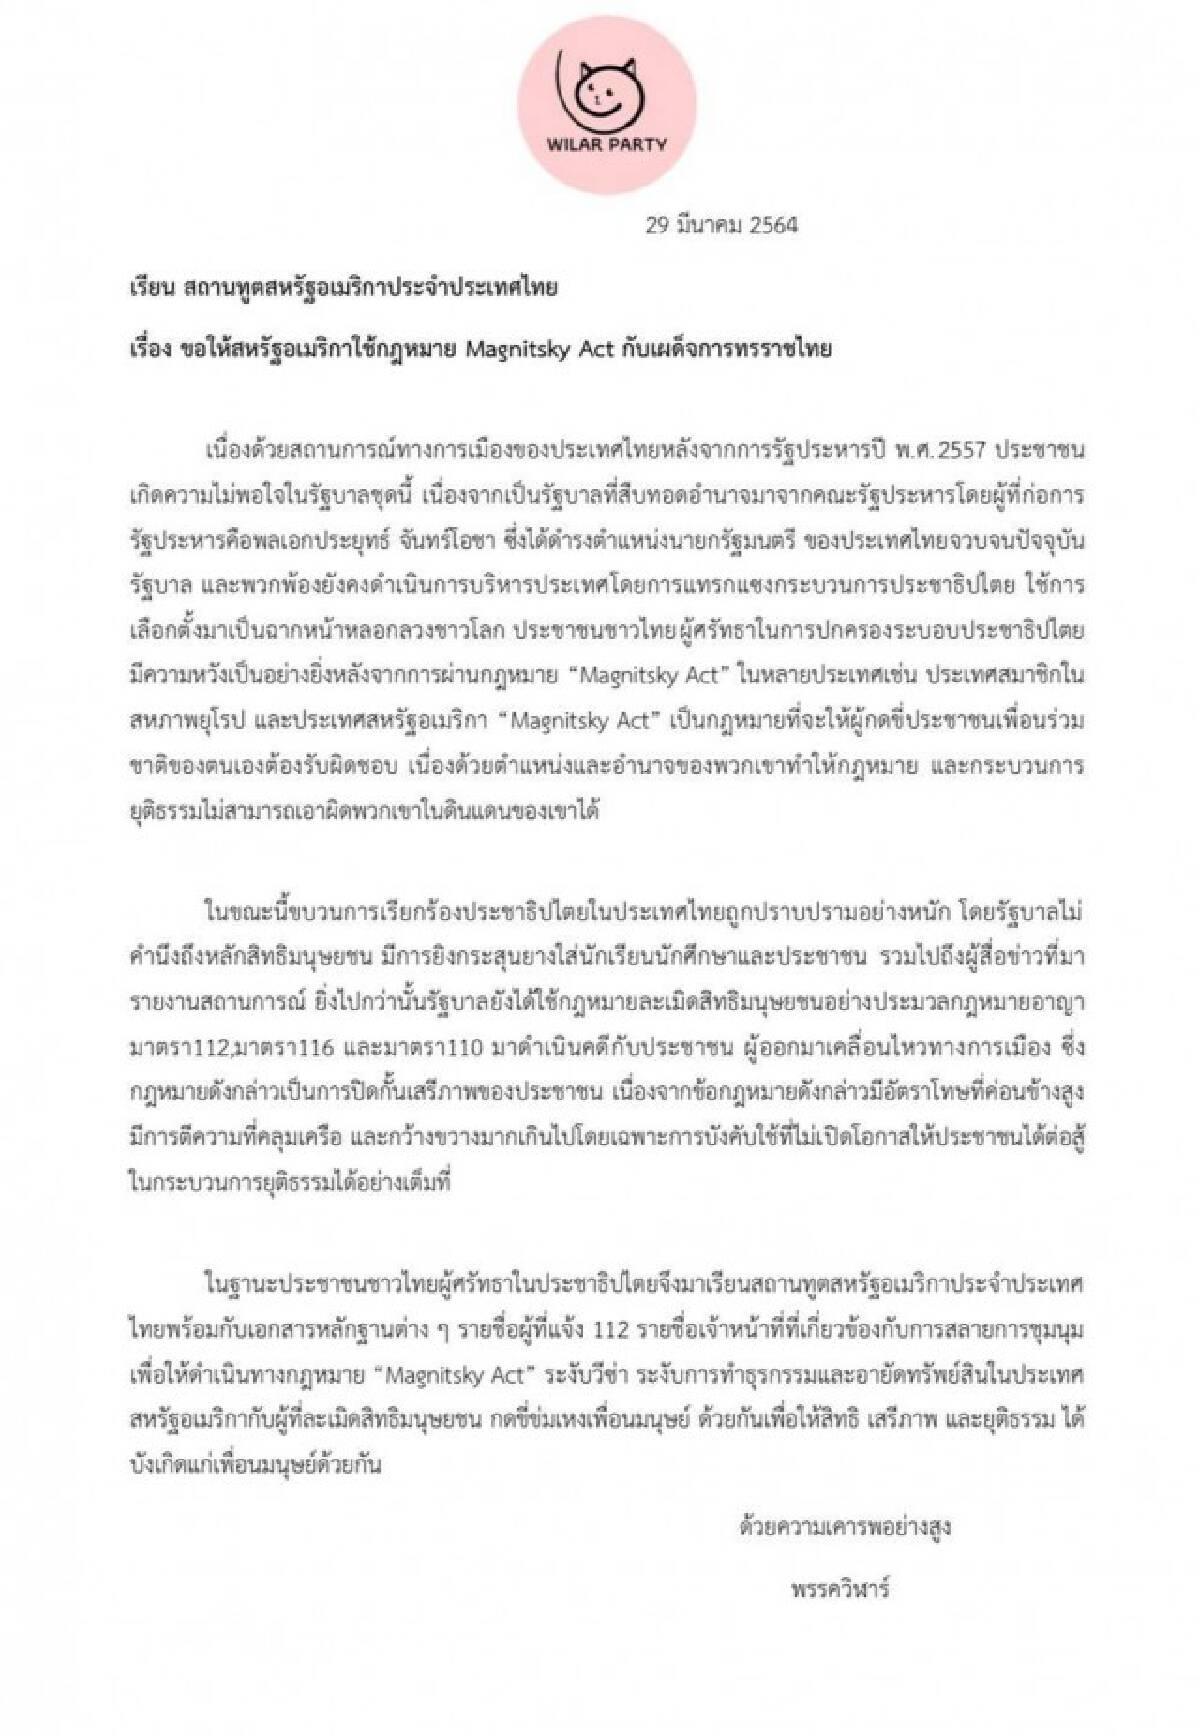 """ร้อง""""มะกัน"""" ช่วย อ้างเจ้าหน้าที่ไทยสลาย""""หมู่บ้านทะลุฟ้า""""มิชอบด้วยกฎหมาย ละเมิดสิทธิ์"""